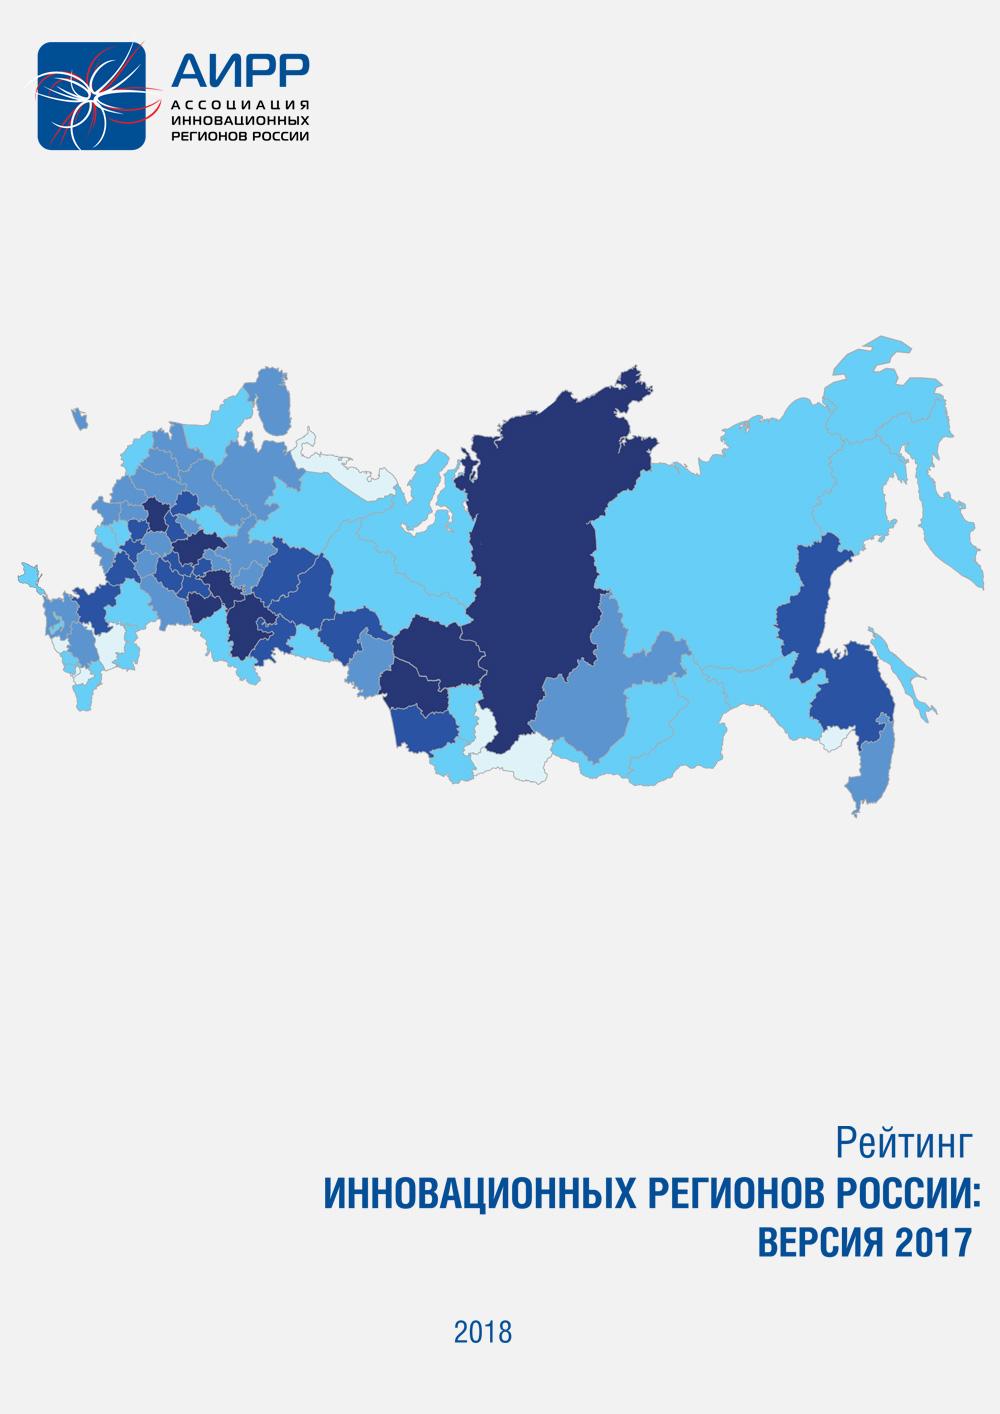 Рейтинг инновационных регионов России 2017